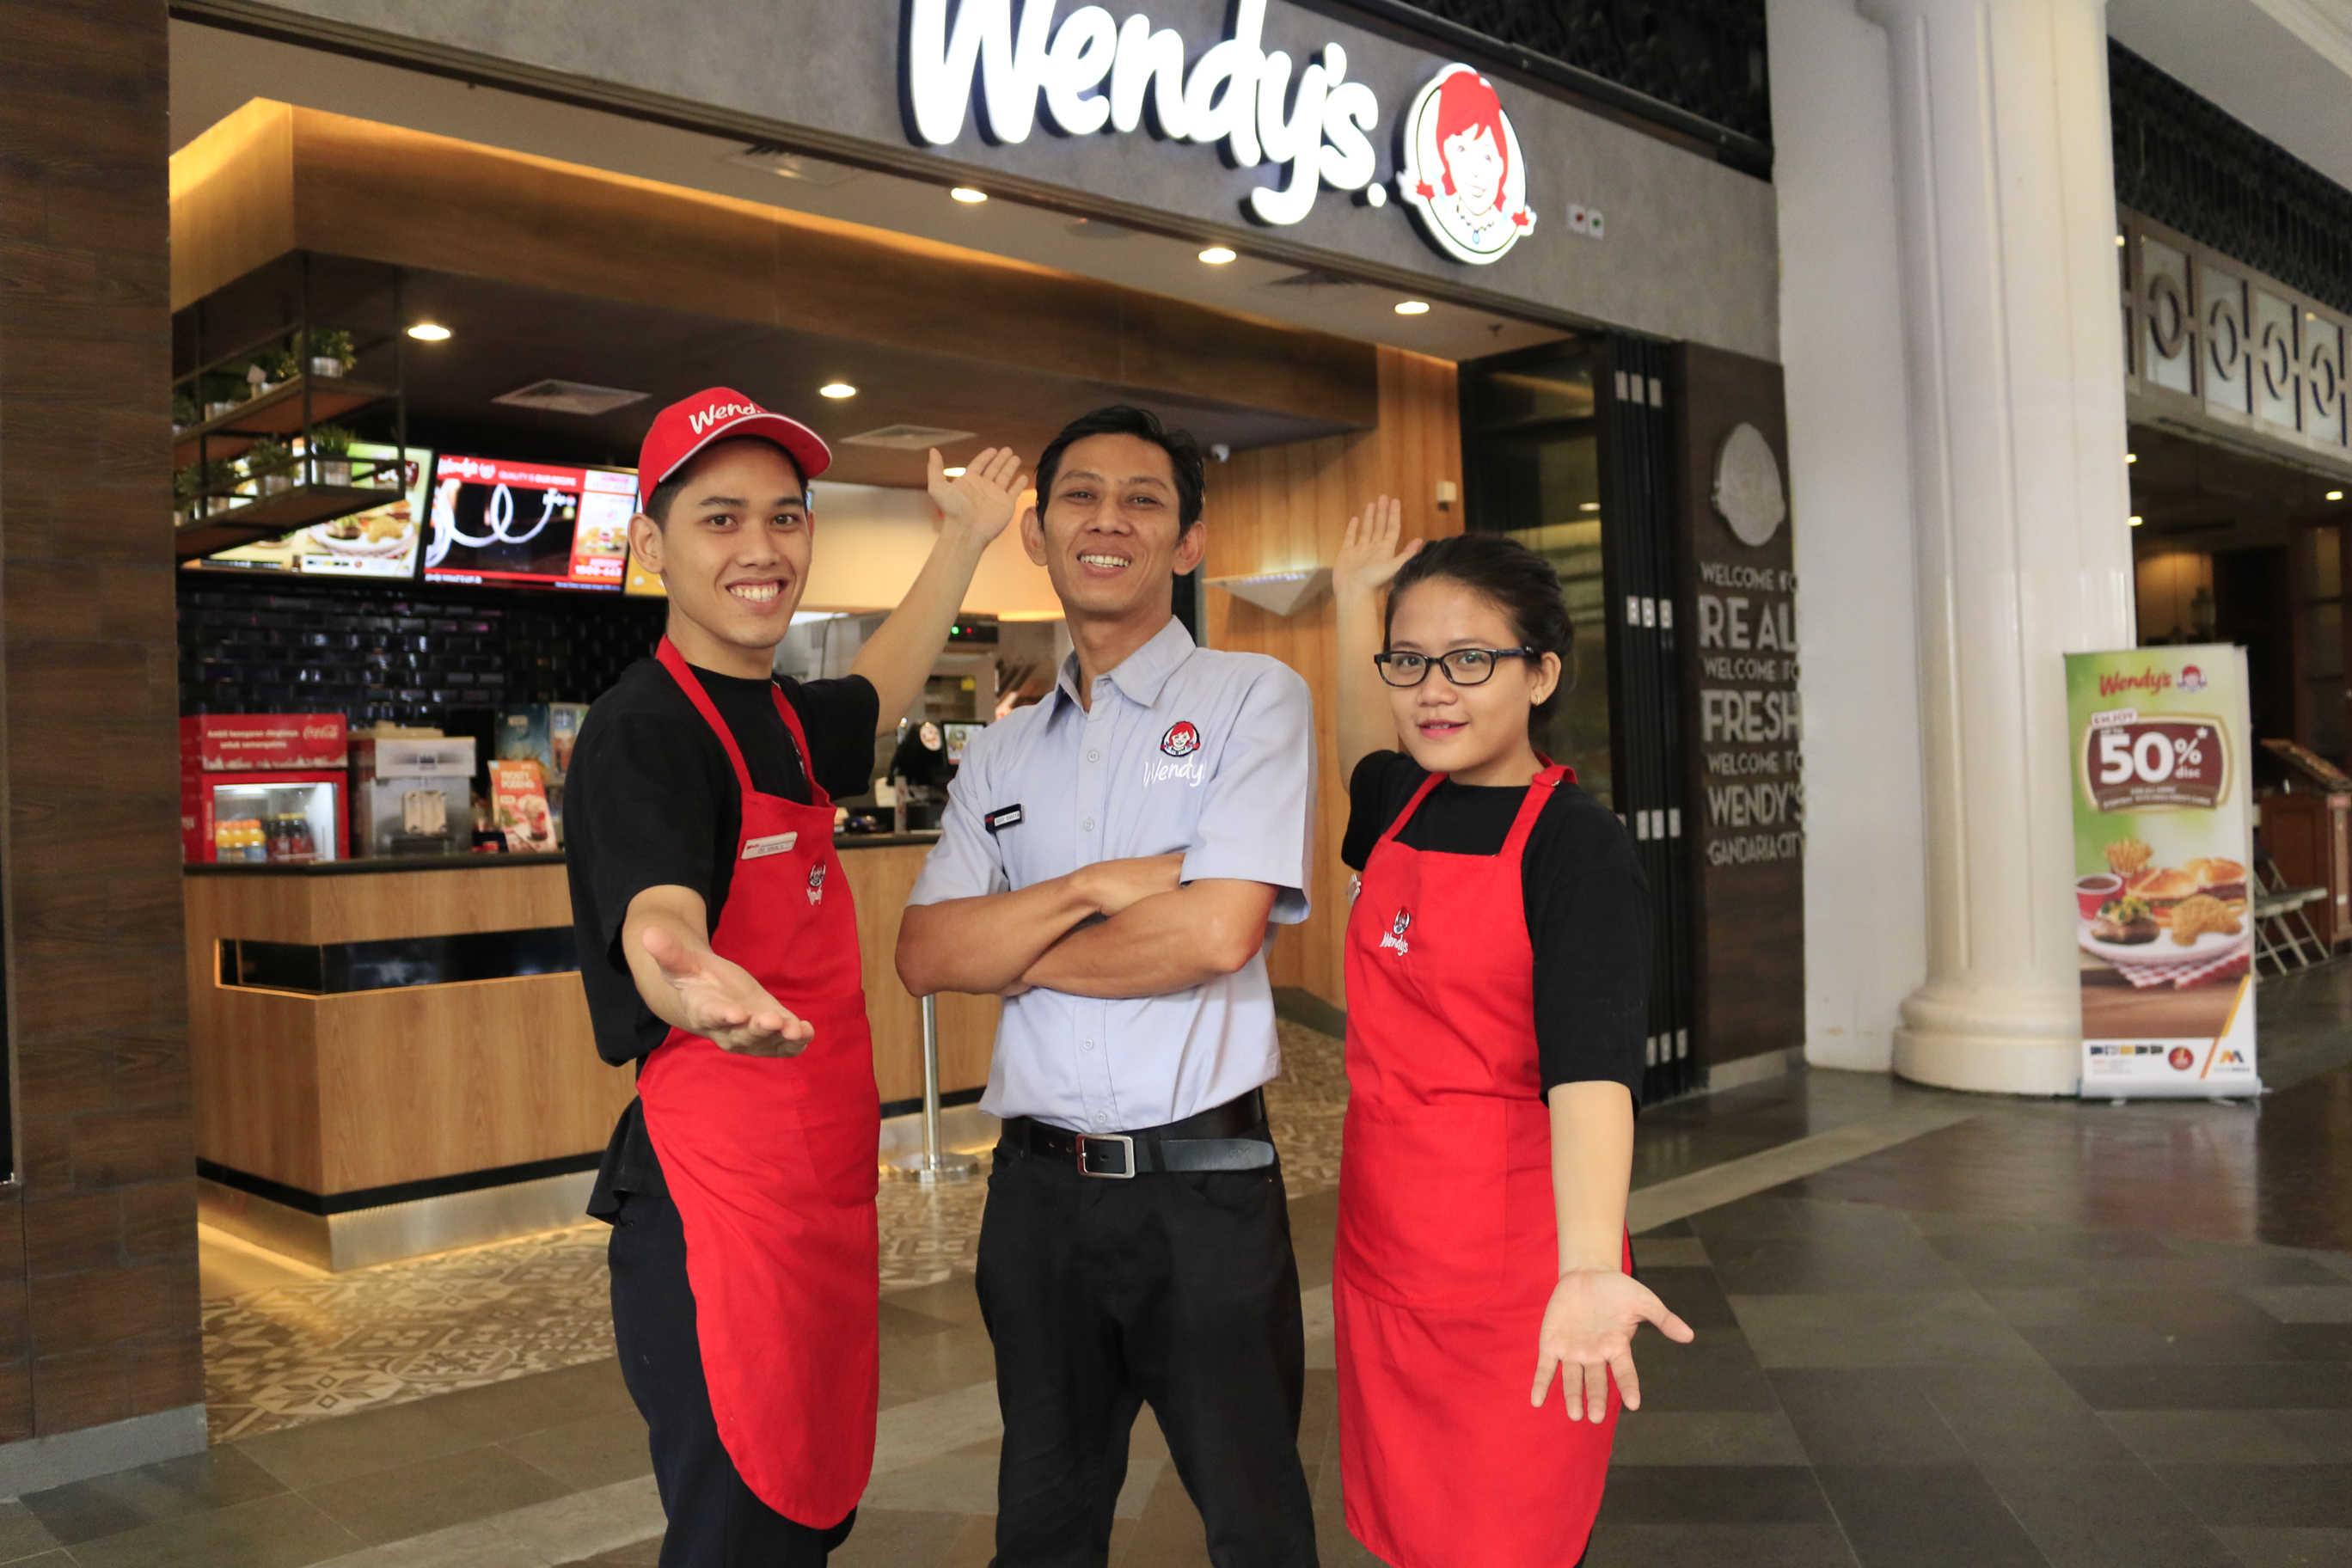 Wendy's Crew